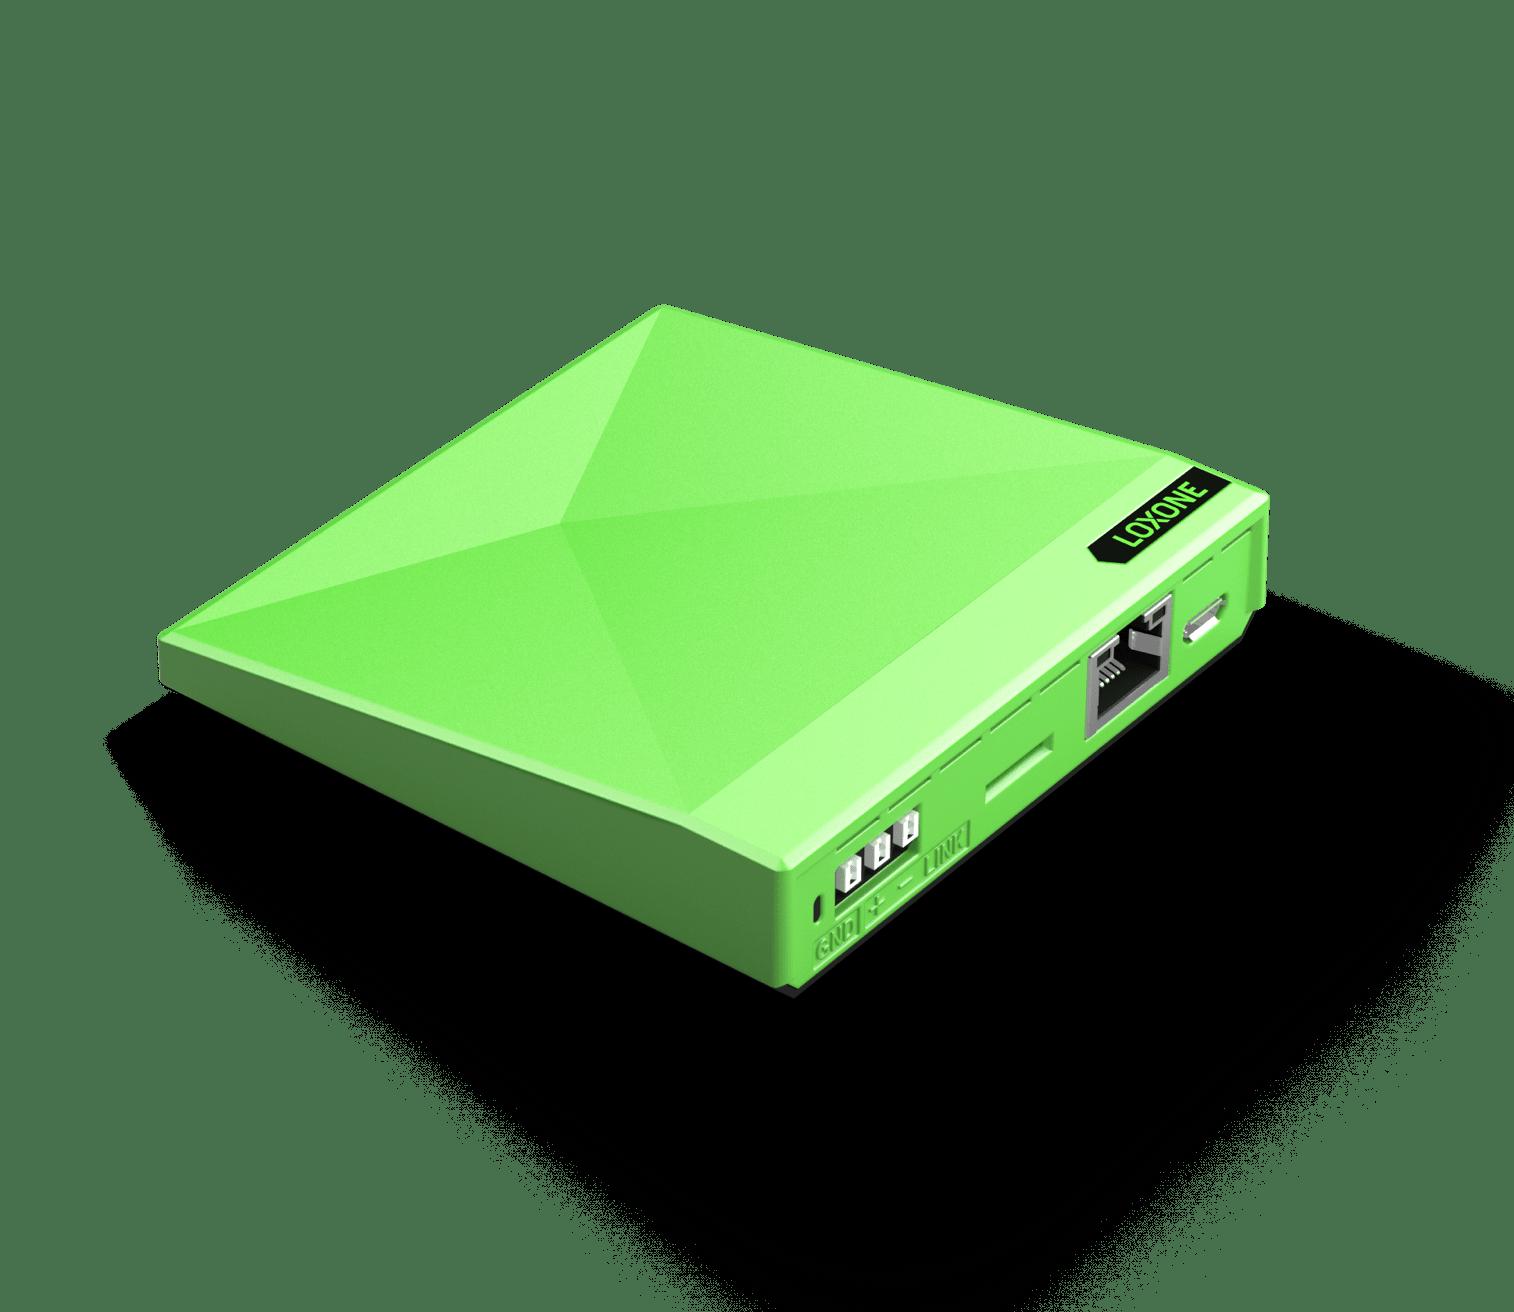 Miniserver Go pozwala na modernizację instalacji